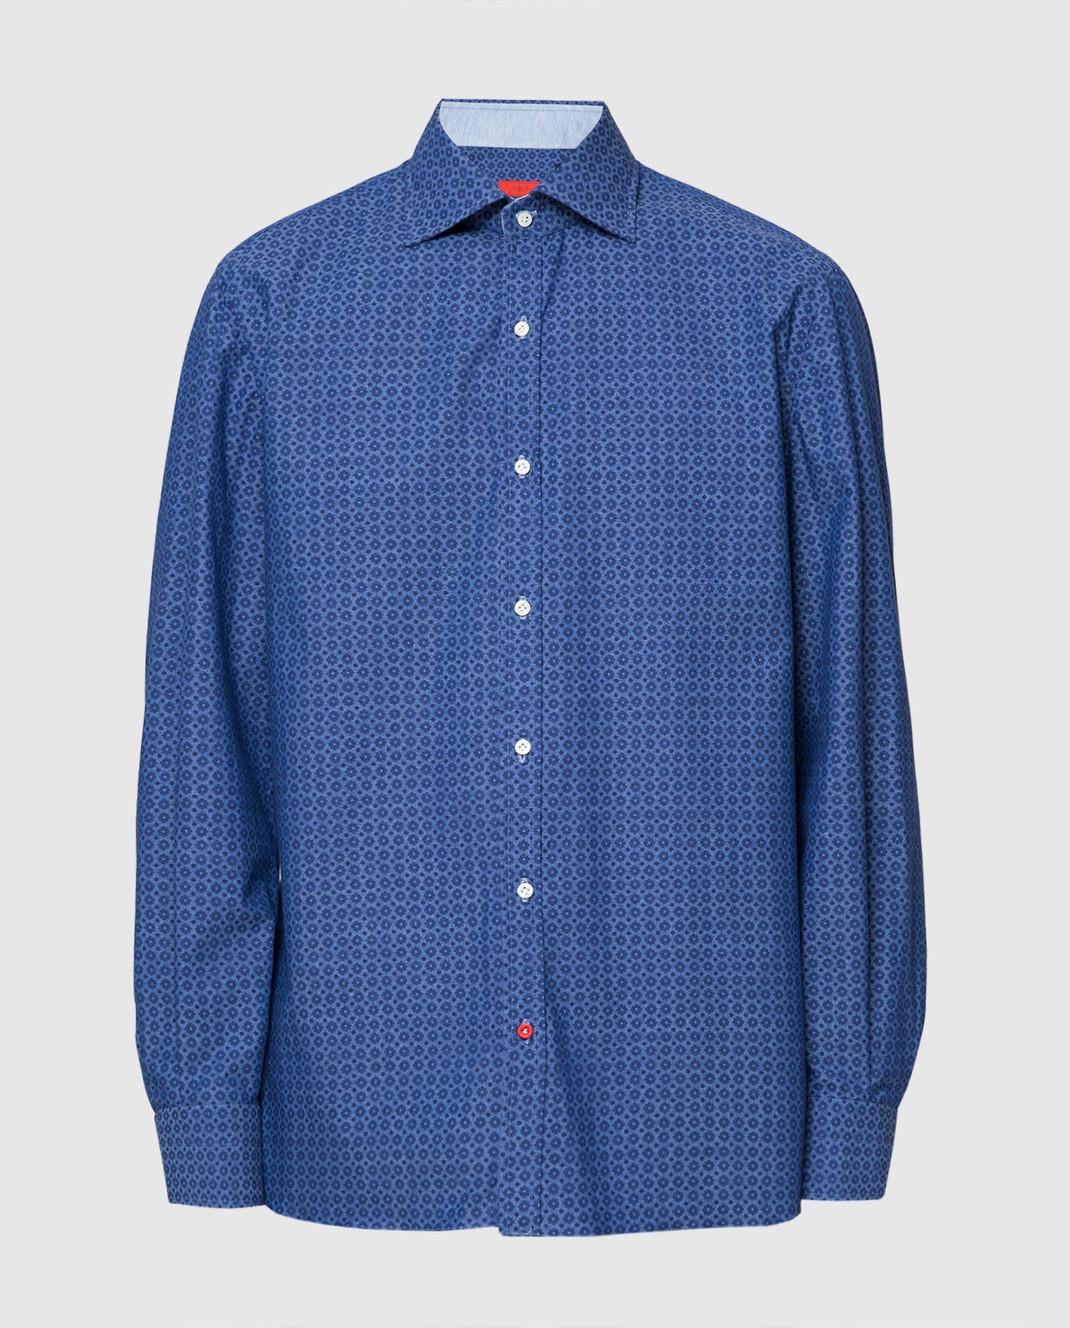 ISAIA Синяя рубашка CAM088C6083